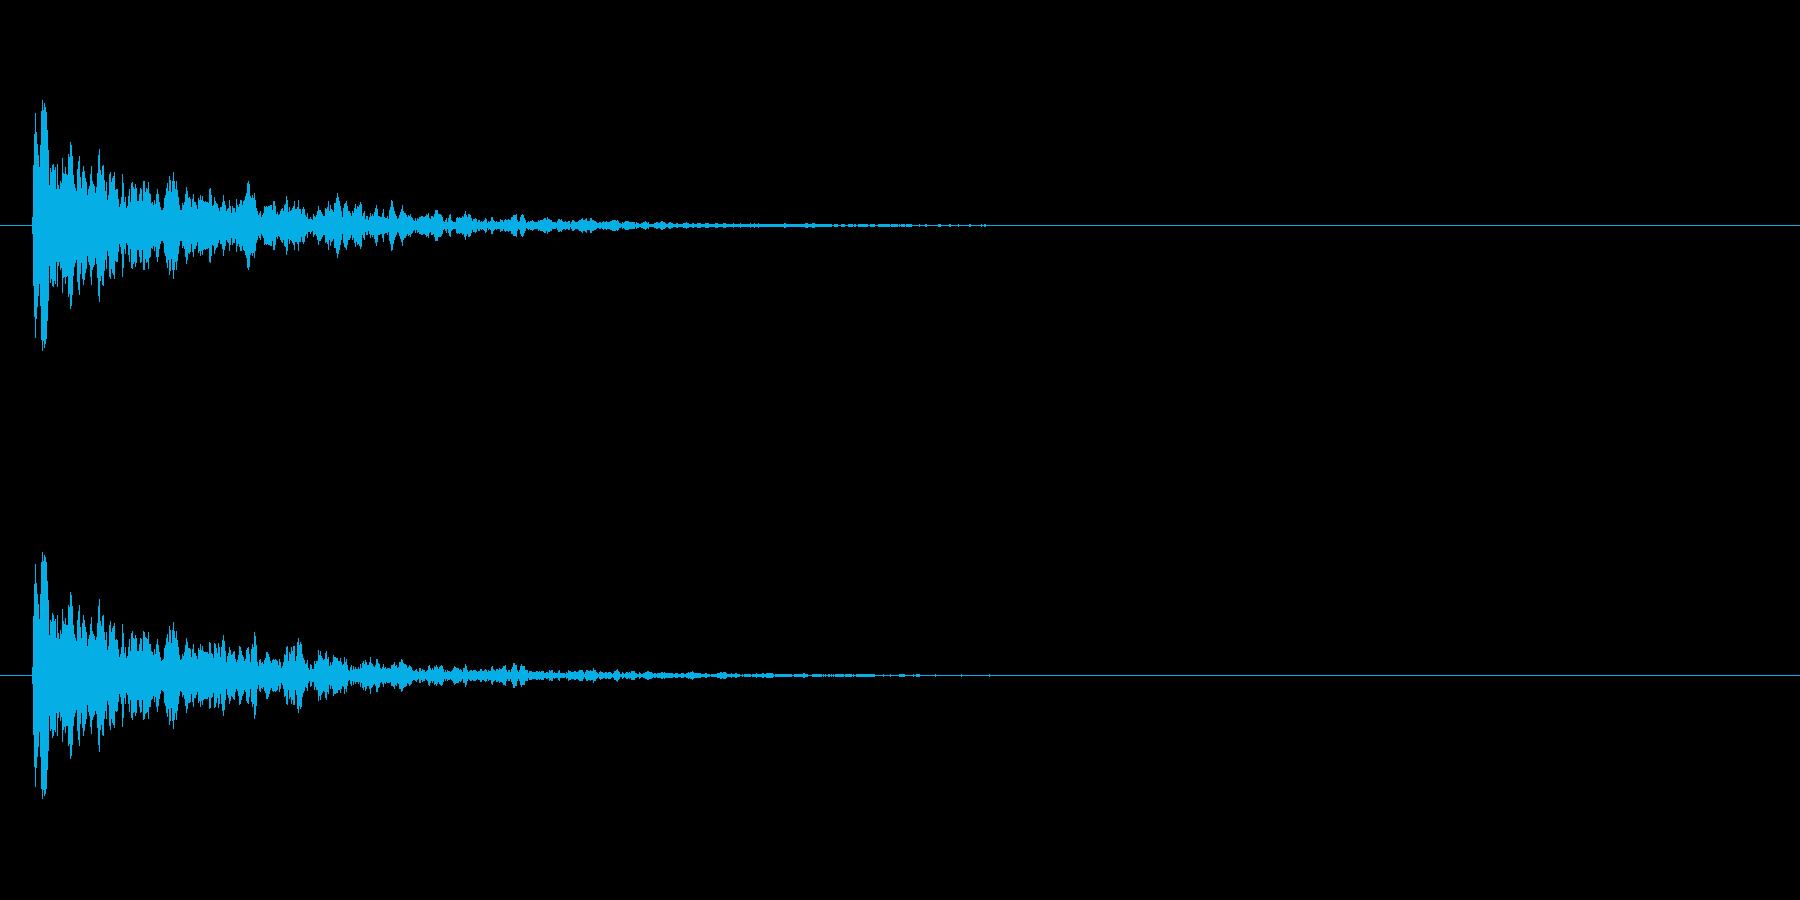 【アクセント09-1】の再生済みの波形